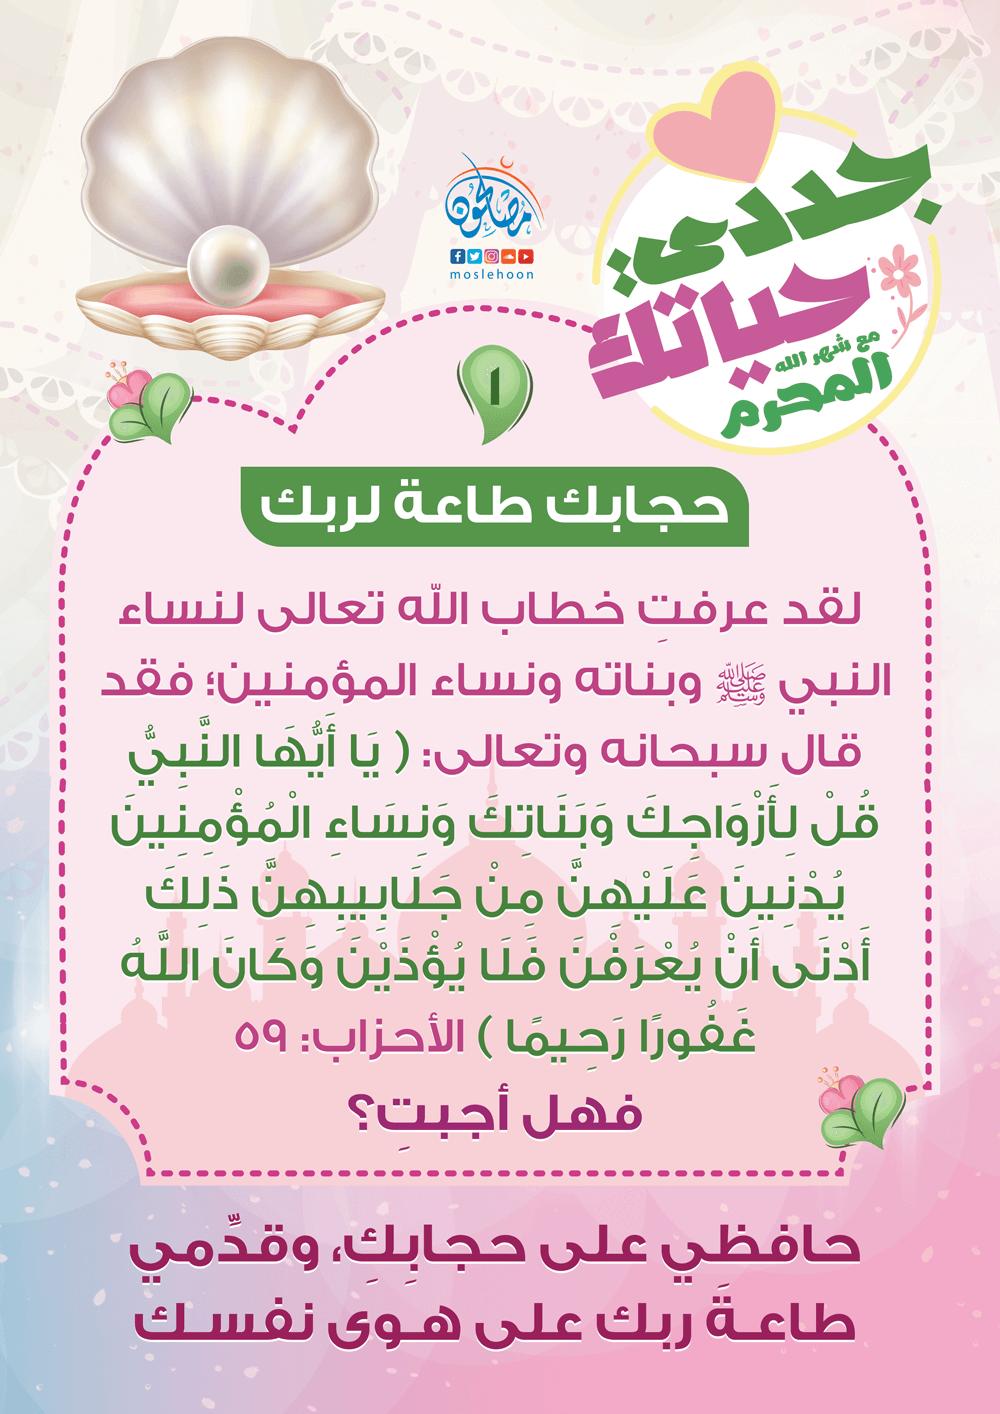 سلسلة جددي حياتك مع شهر الله المحرم